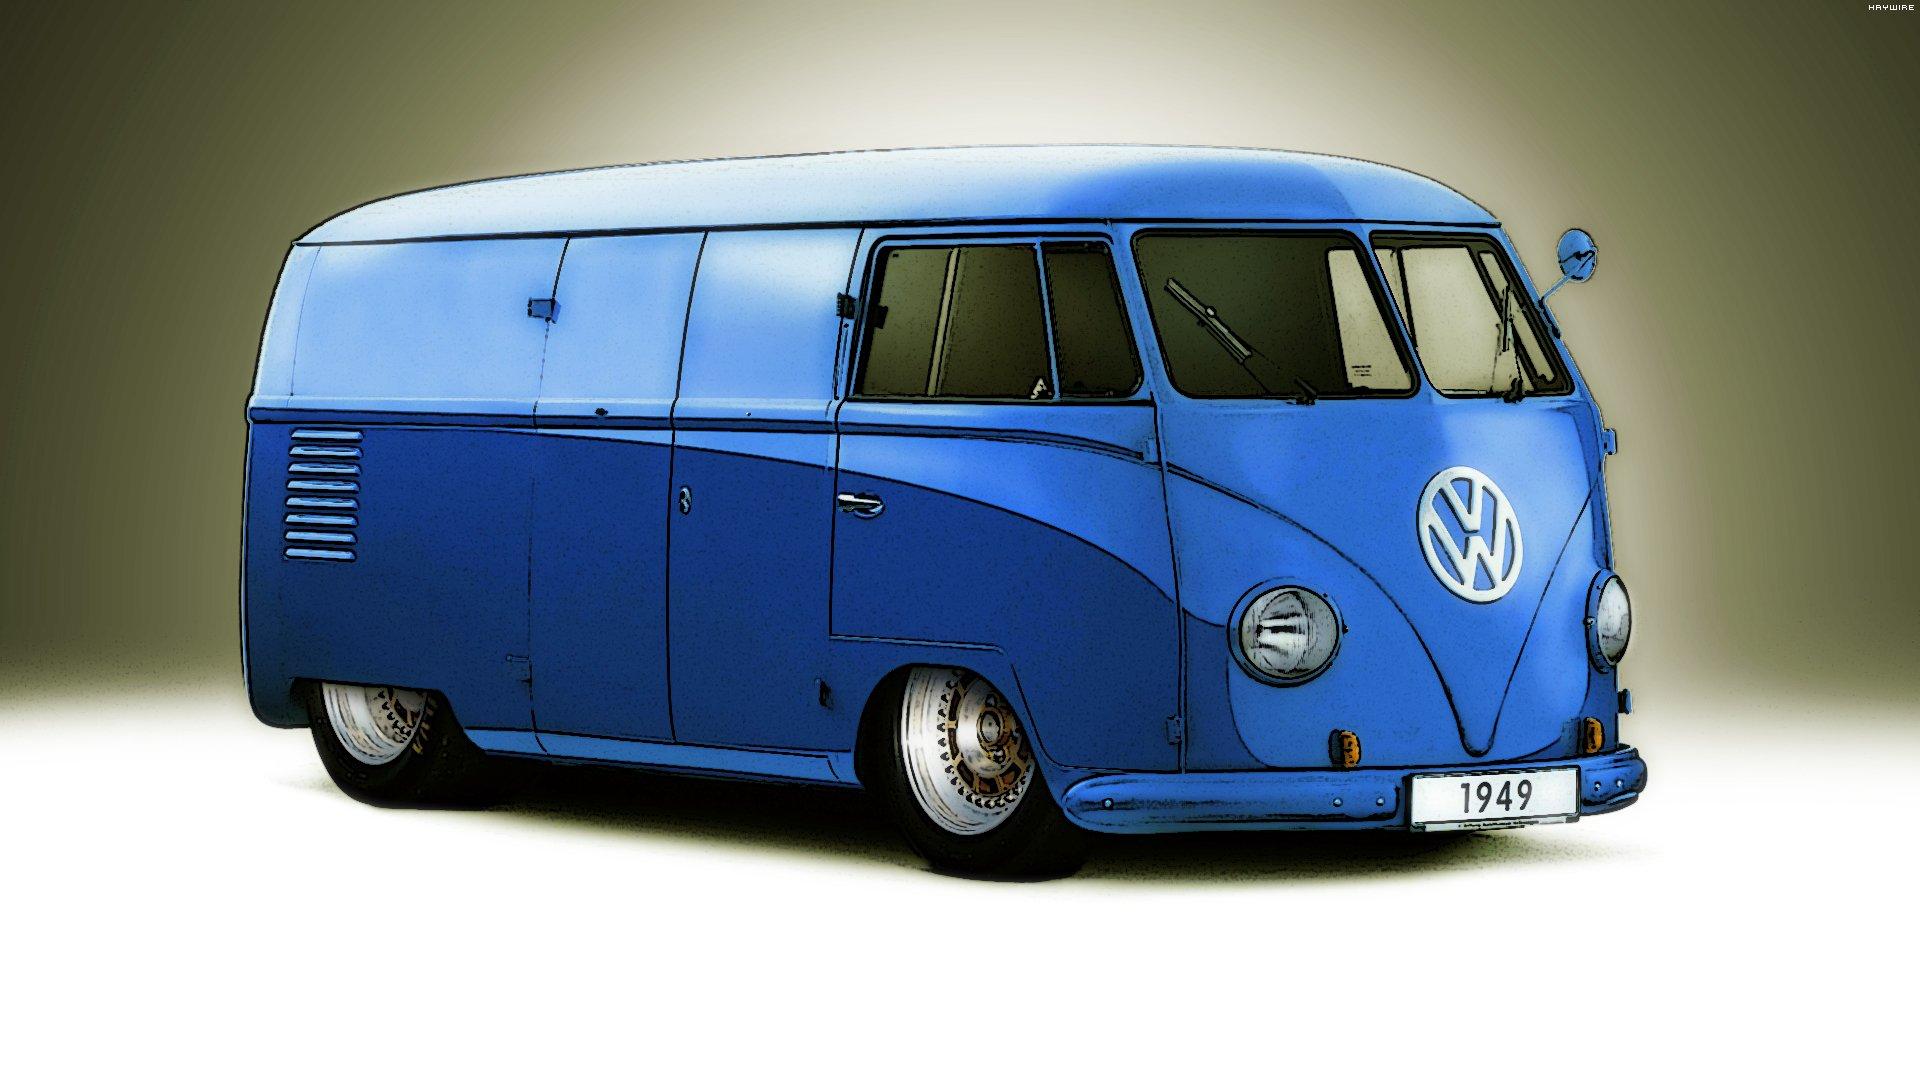 volkswagen t1 van 39 49 wallpaper 1920x1080 565712 wallpaperup. Black Bedroom Furniture Sets. Home Design Ideas